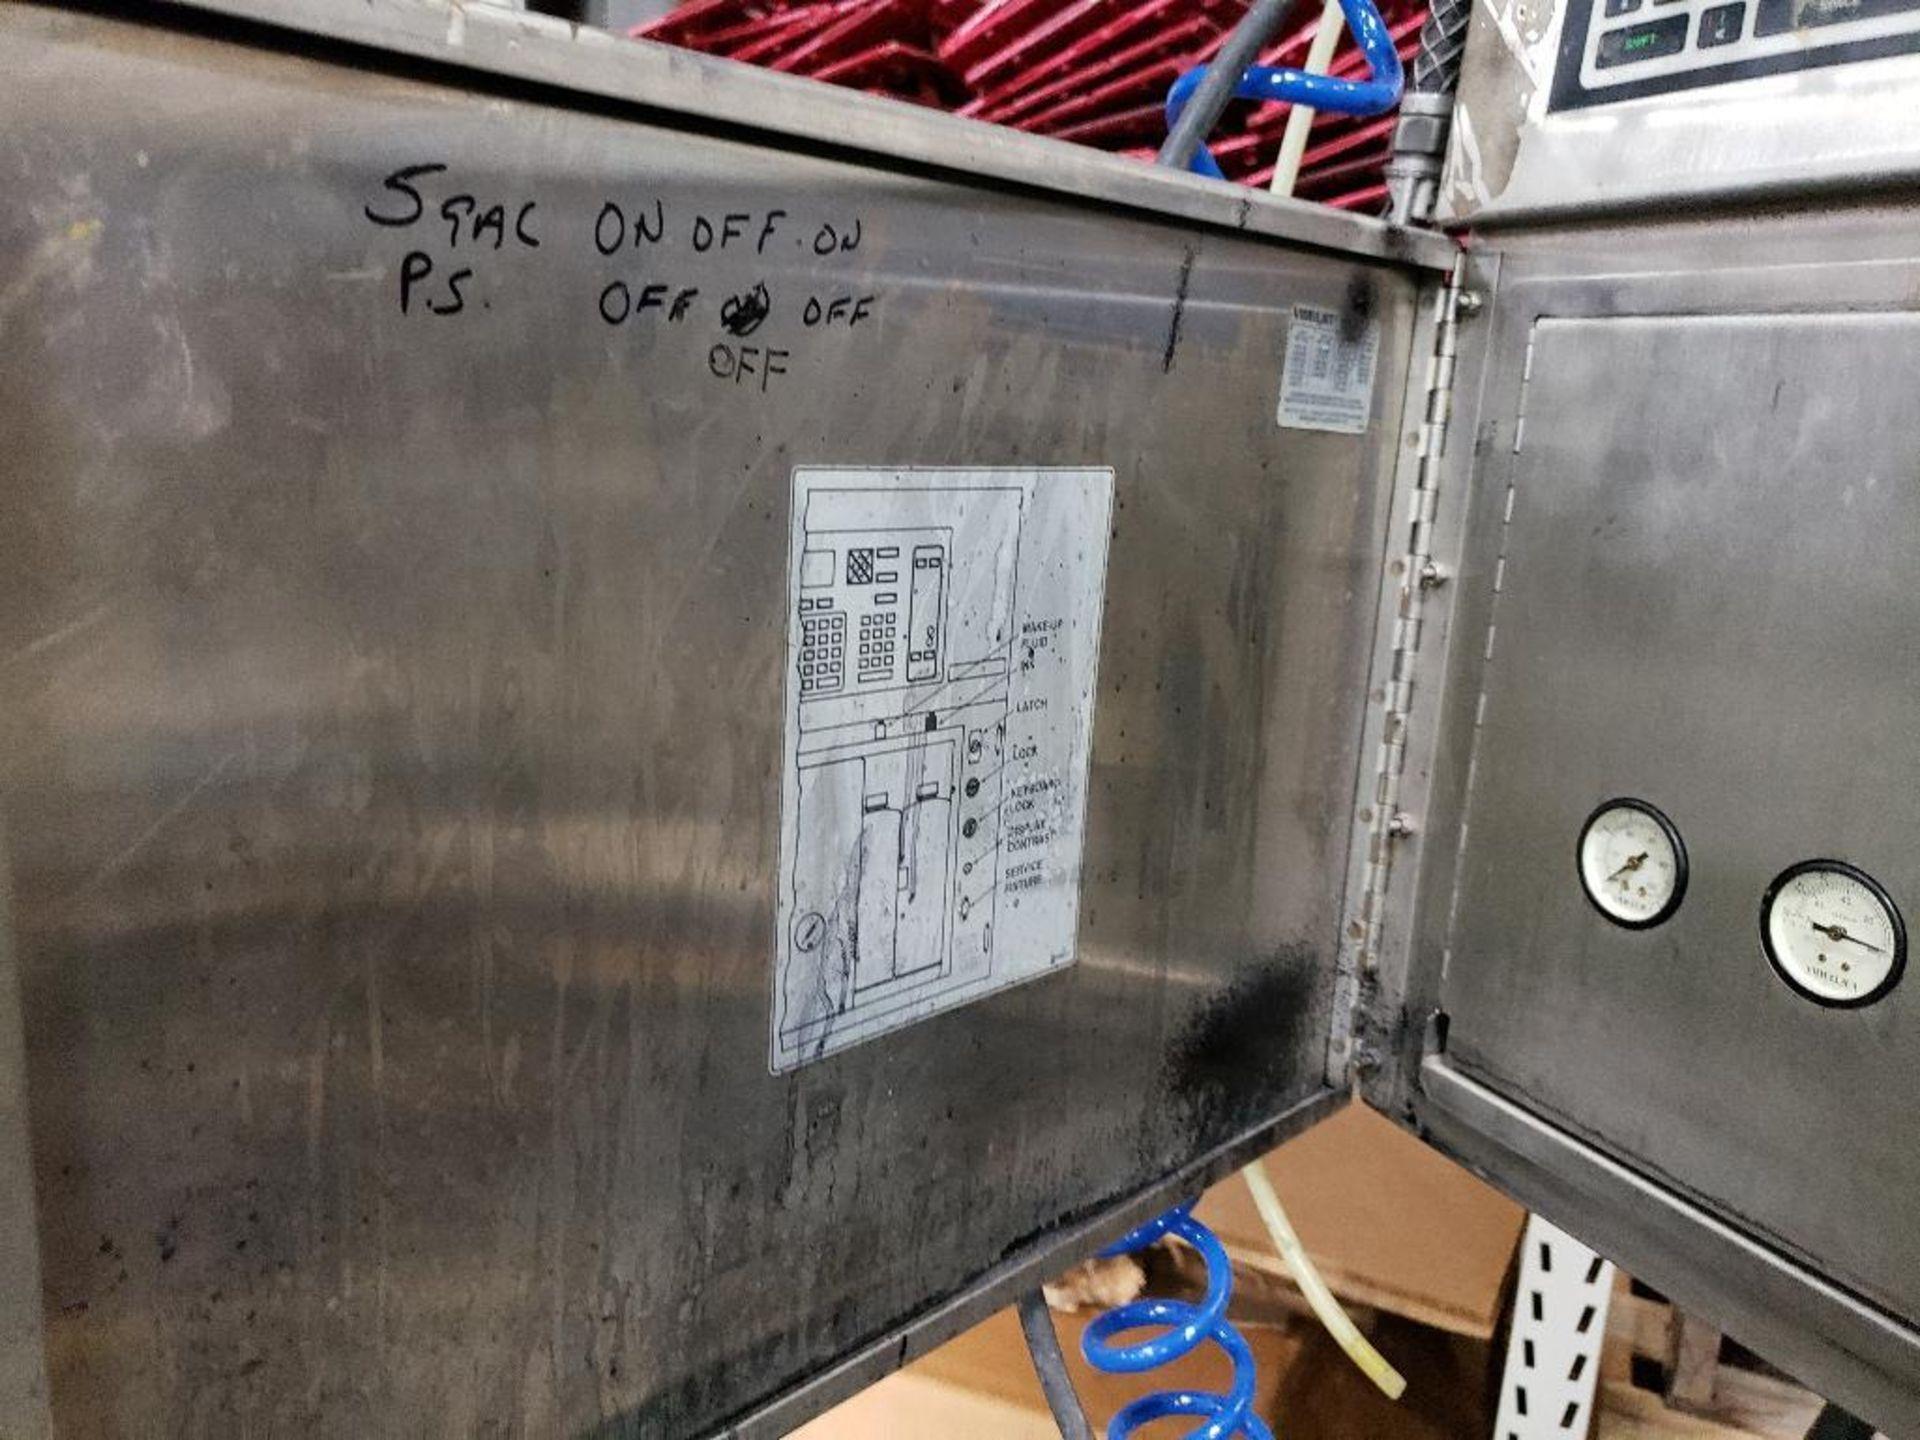 Videojet Excel High Resolution HI-RES ink jet marking machine. - Image 16 of 19